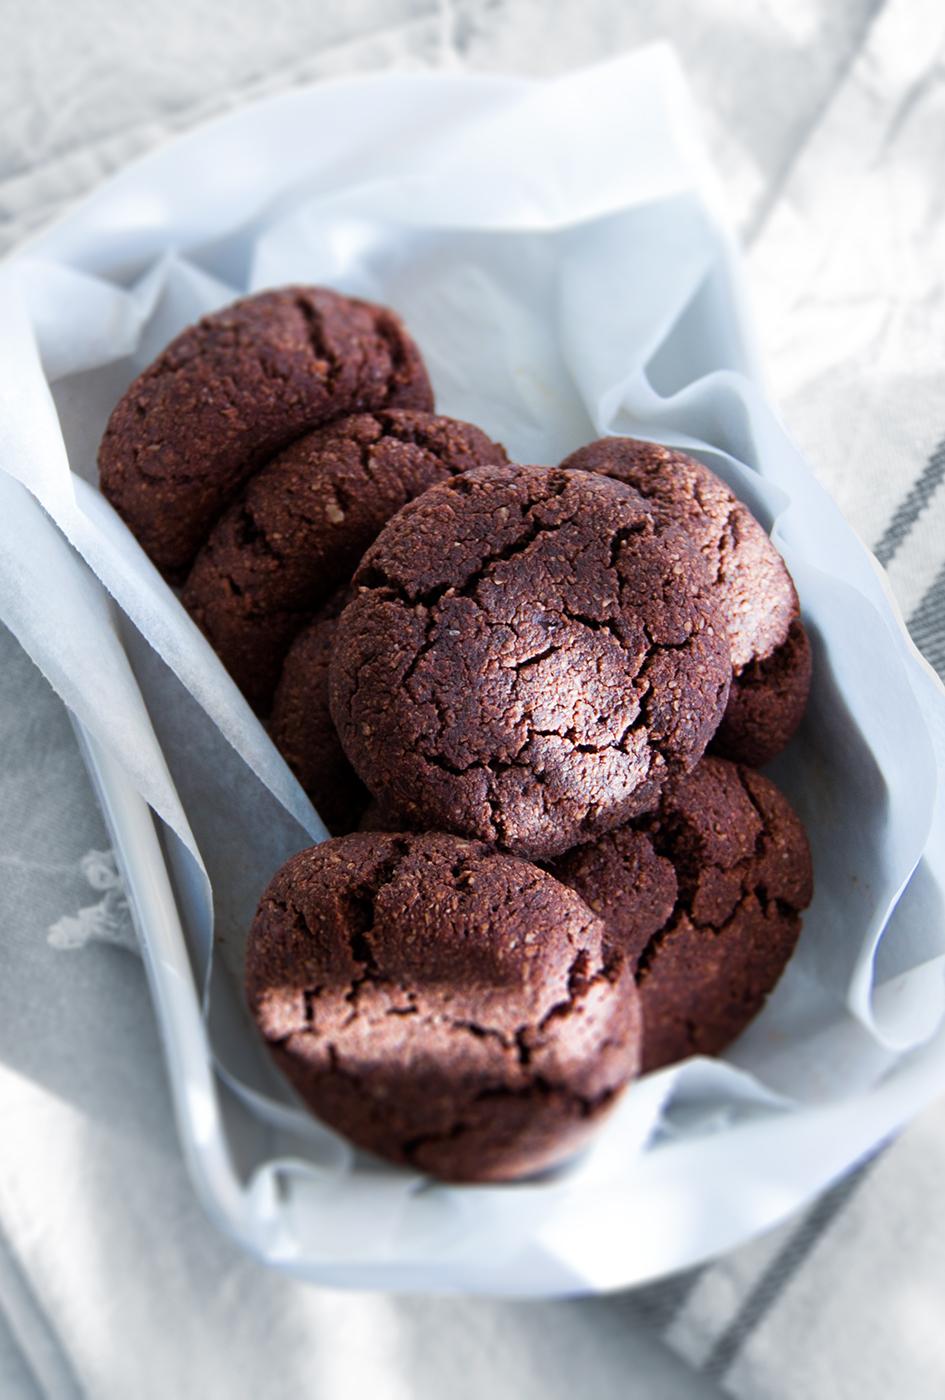 chocolade-bounty-koeken-vegan-whole-foods-gezoet-fruit-glutenvrije-optie-olievrij.jpg